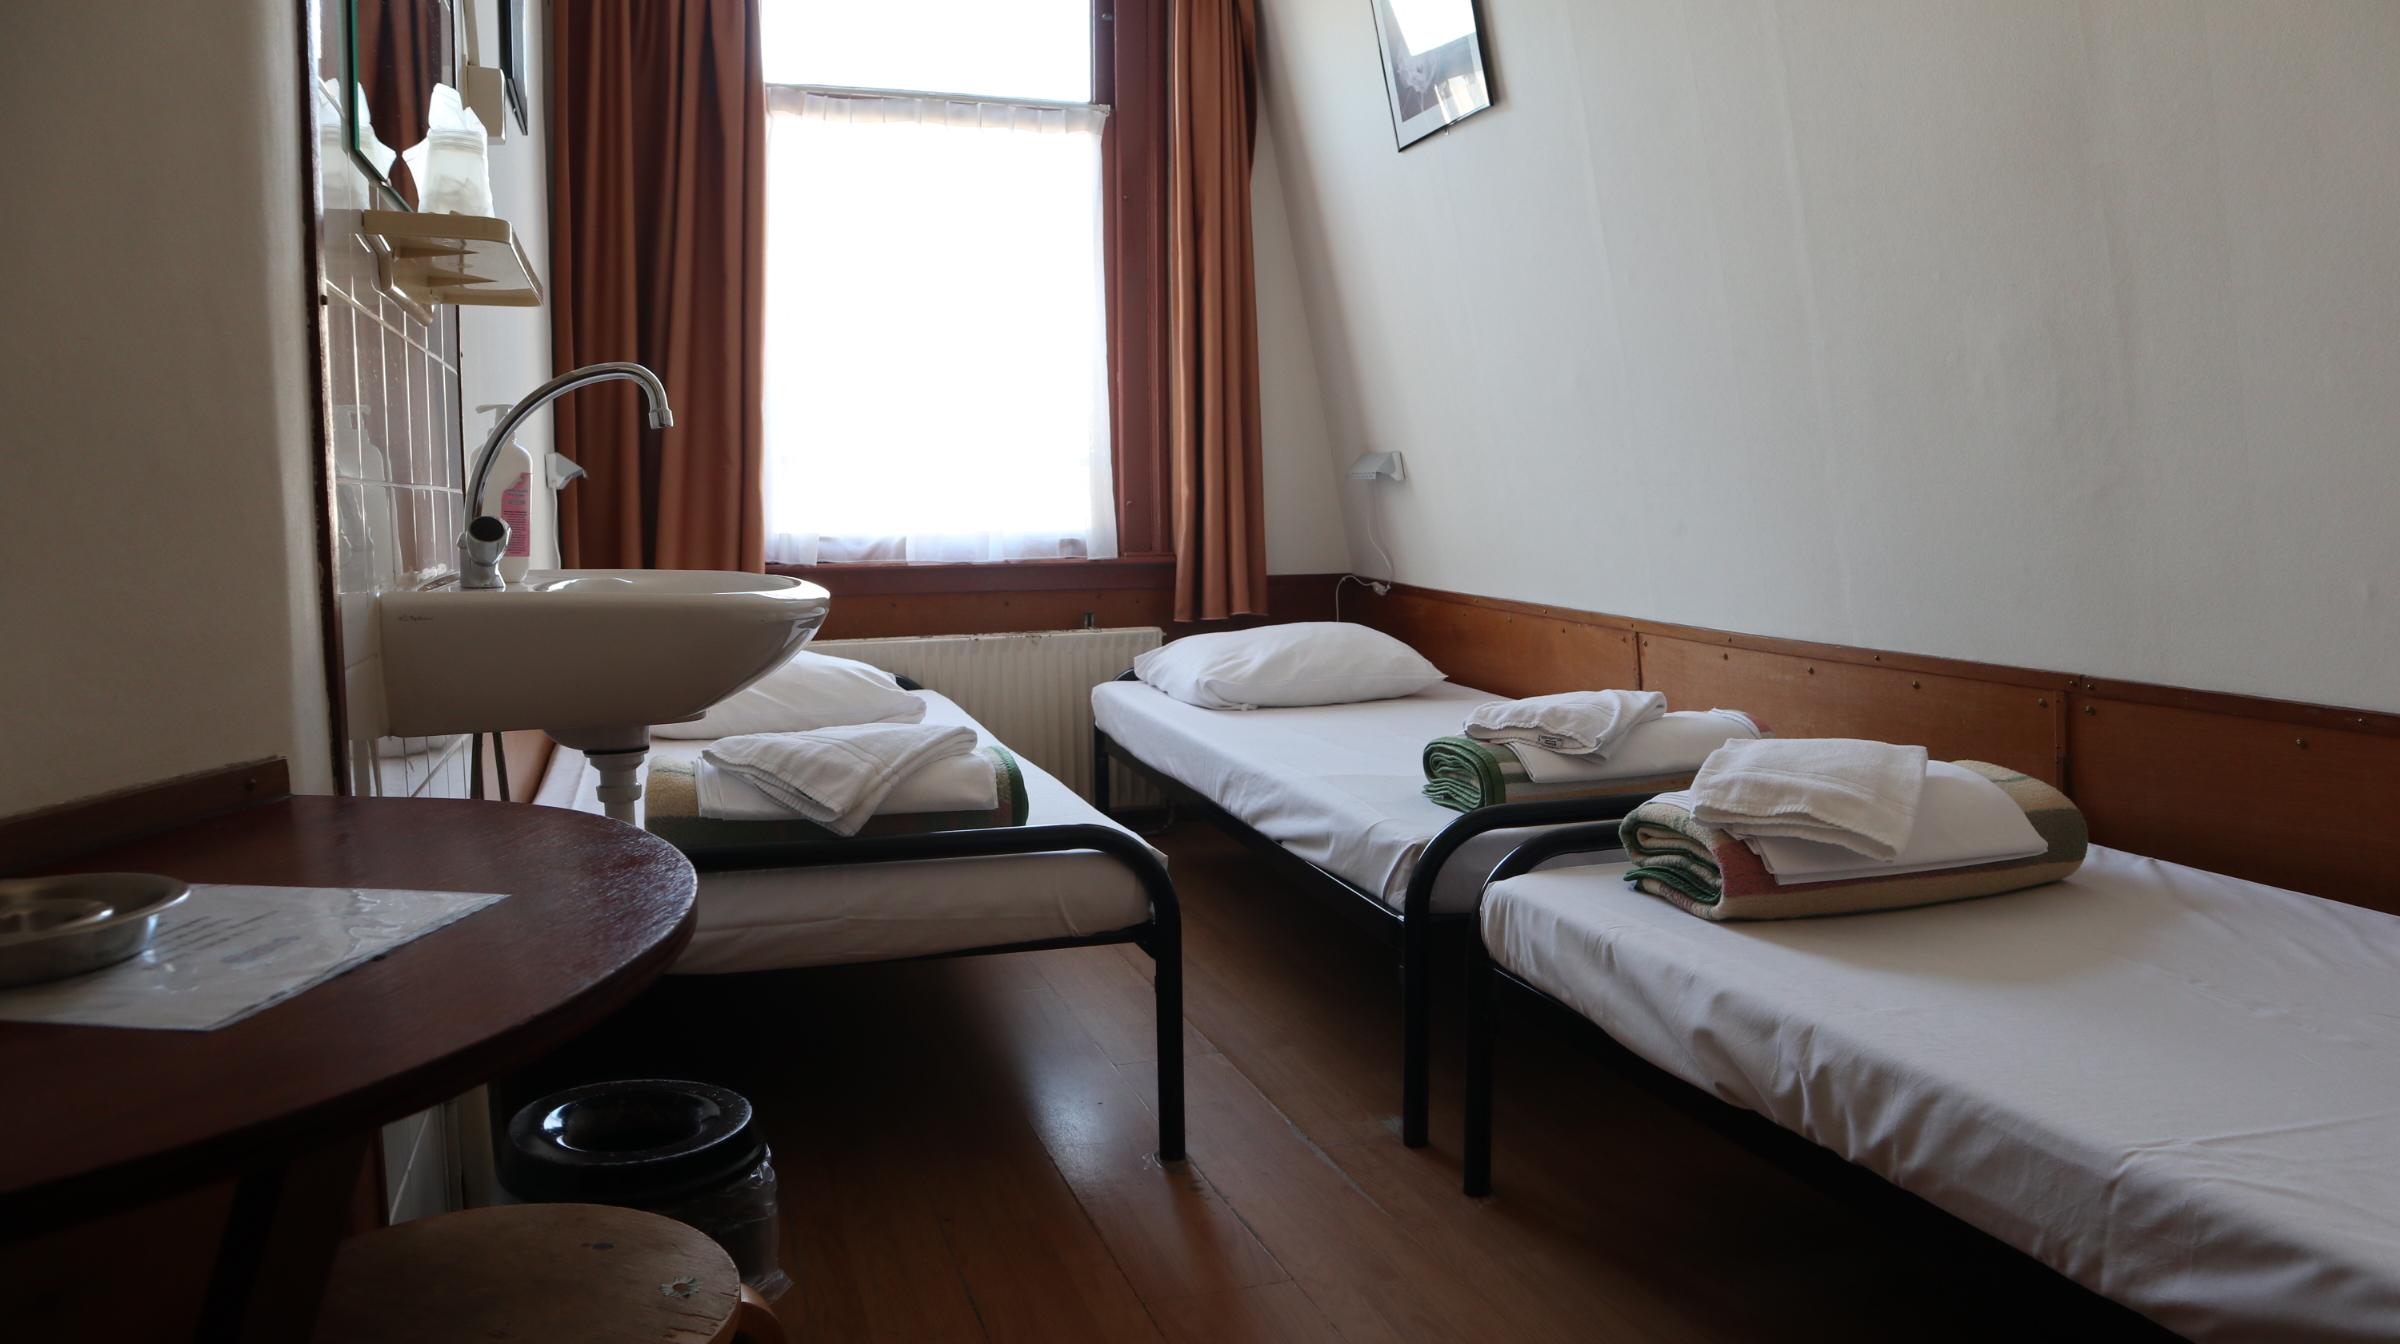 Amsterdam Budget hotel - triple room 2